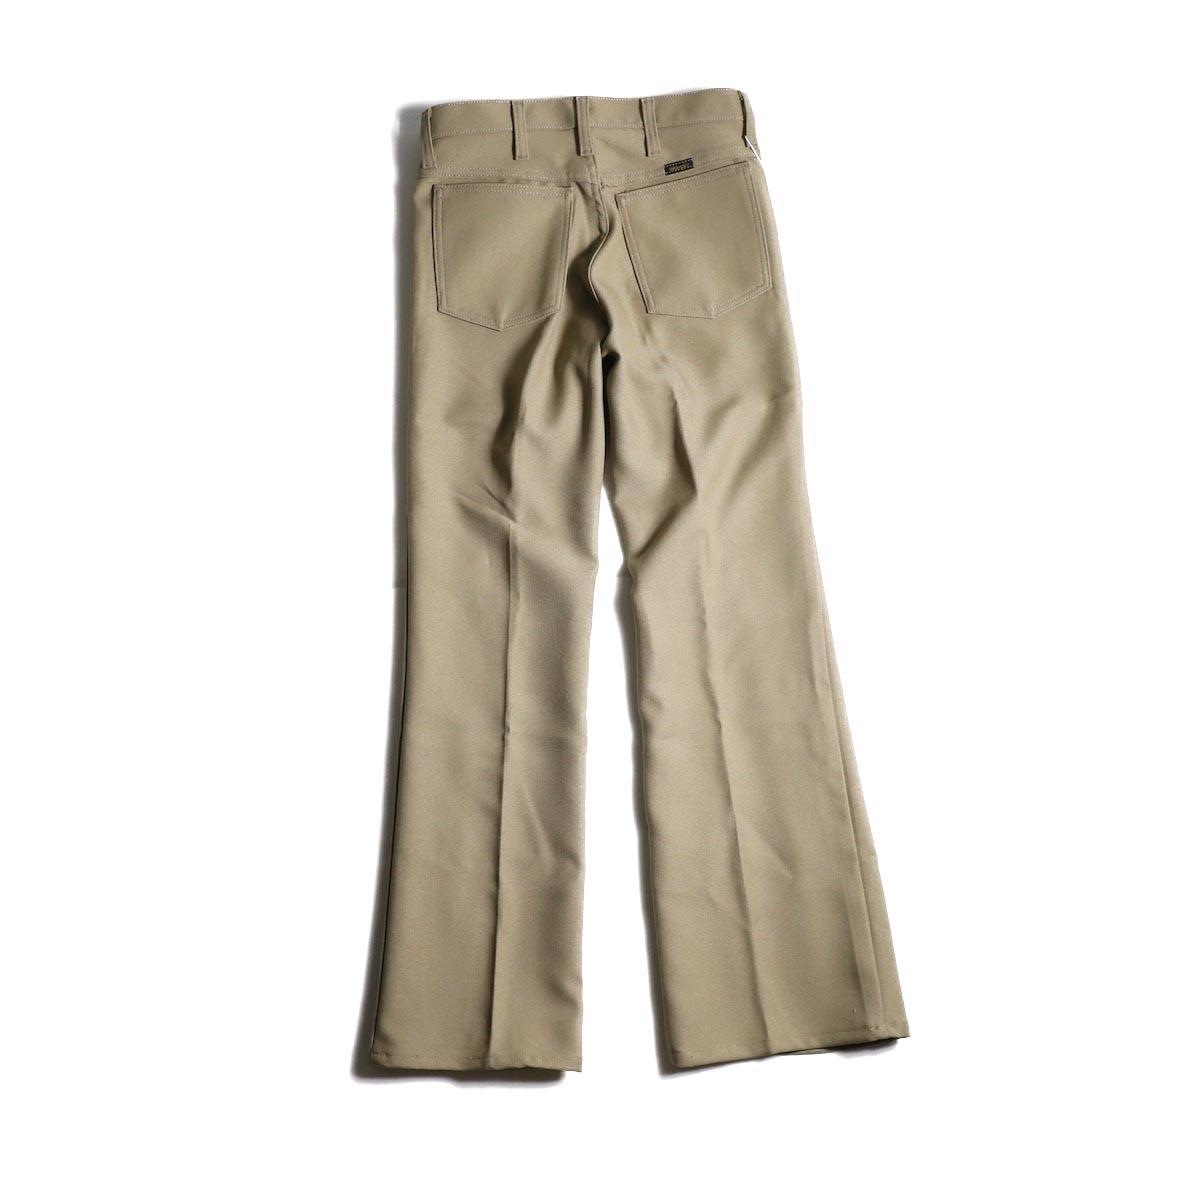 PRE_ / ZK OPEN PANTS (Tan)背面